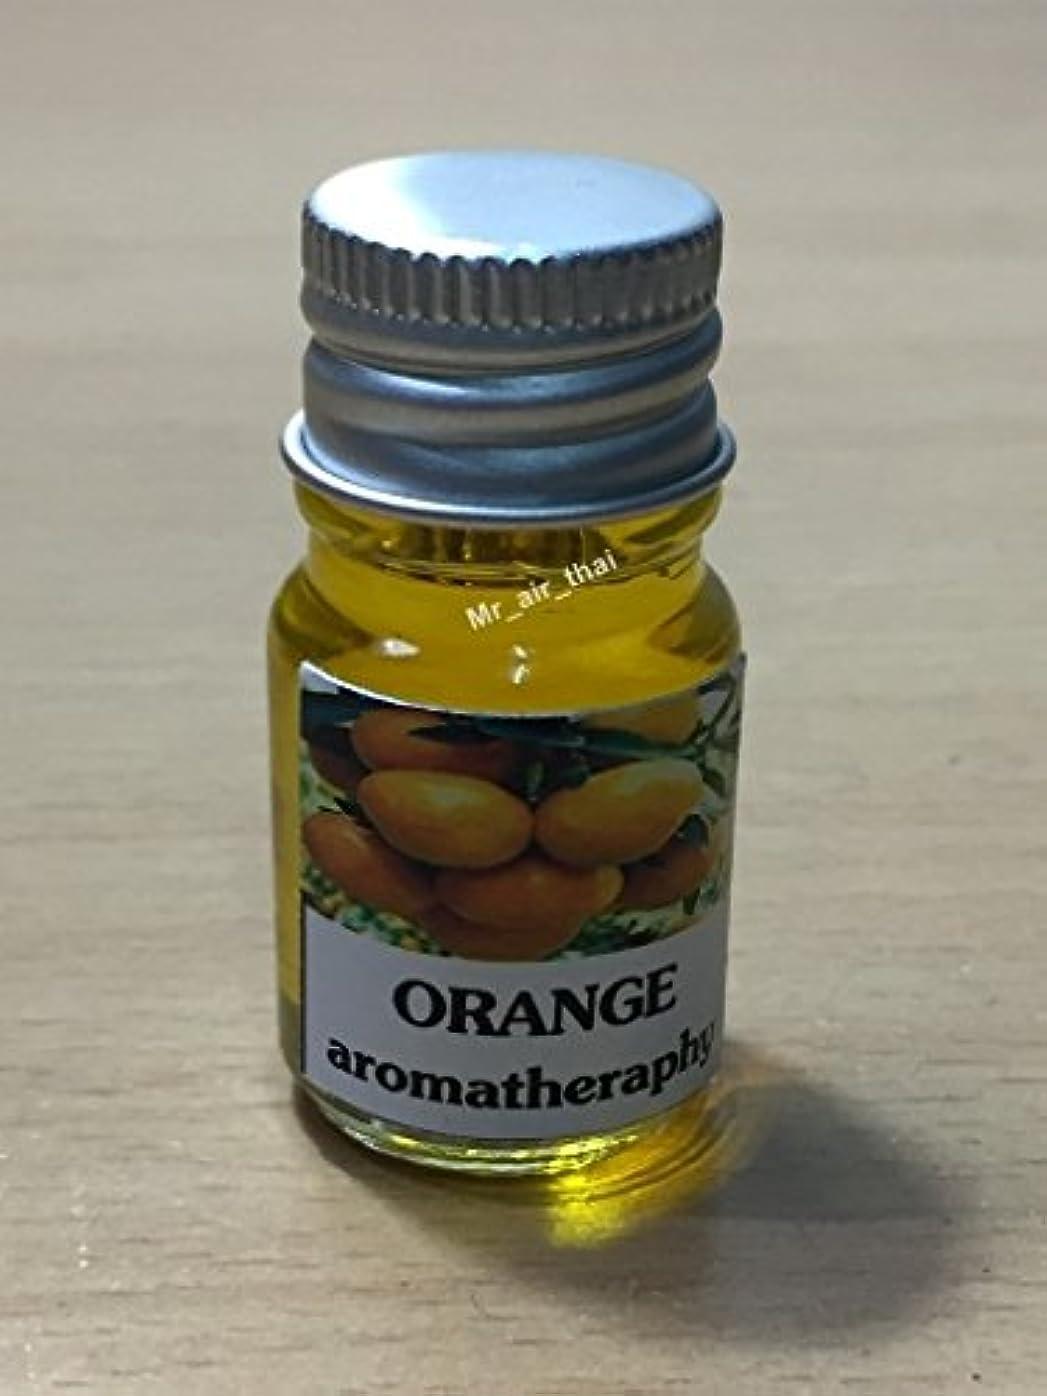 ピアノイズゴム5ミリリットルアロマオレンジフランクインセンスエッセンシャルオイルボトルアロマテラピーオイル自然自然5ml Aroma Orange Frankincense Essential Oil Bottles Aromatherapy...